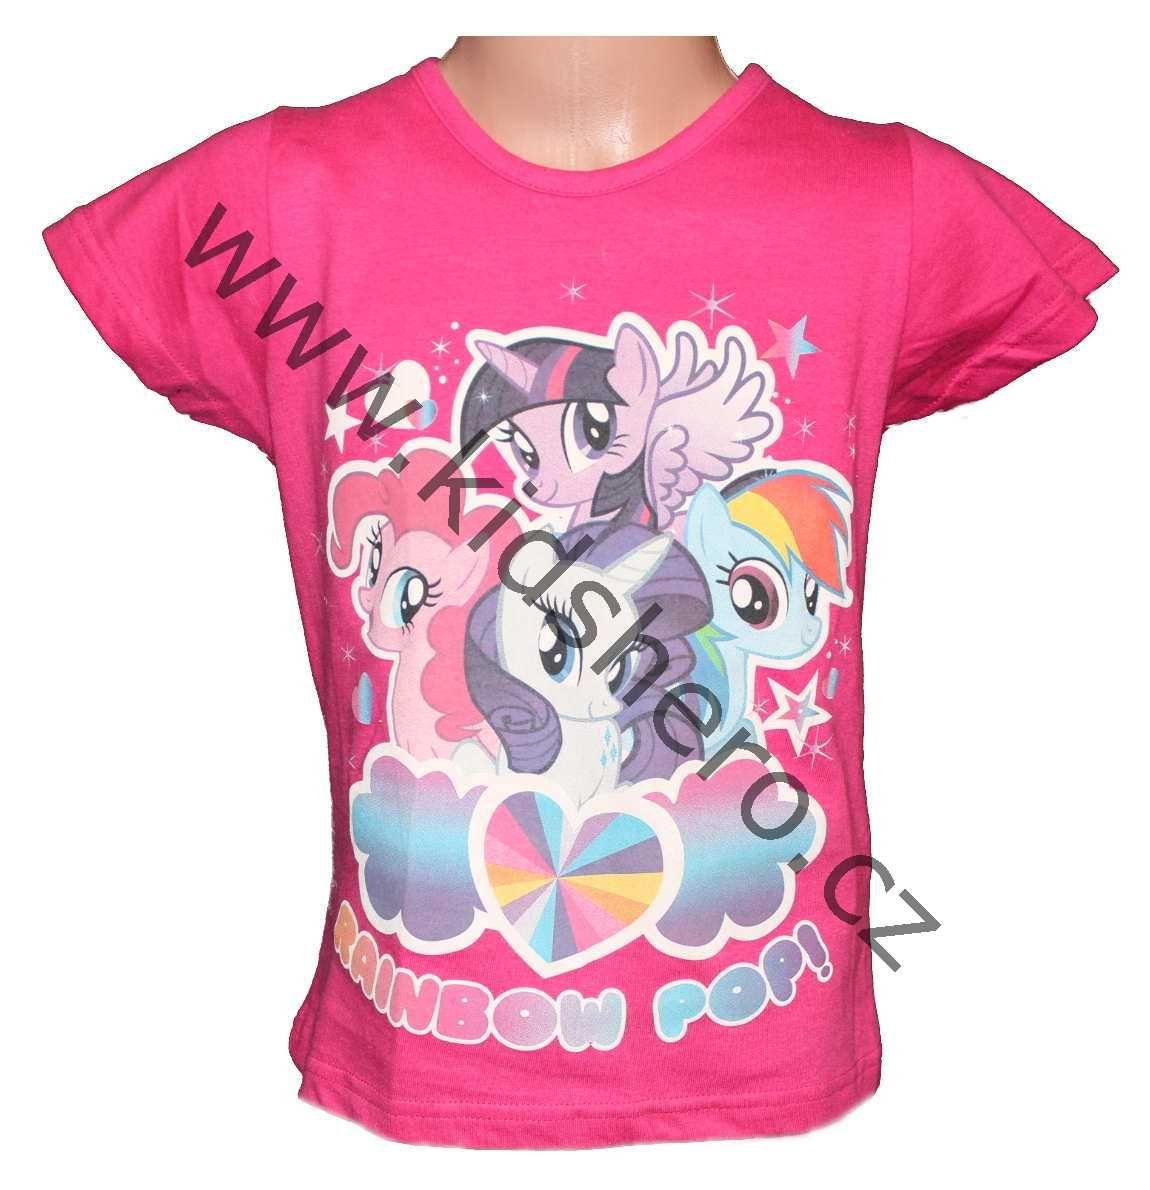 Triko tričko krátký rukáv My little pony dívčí triko Disney